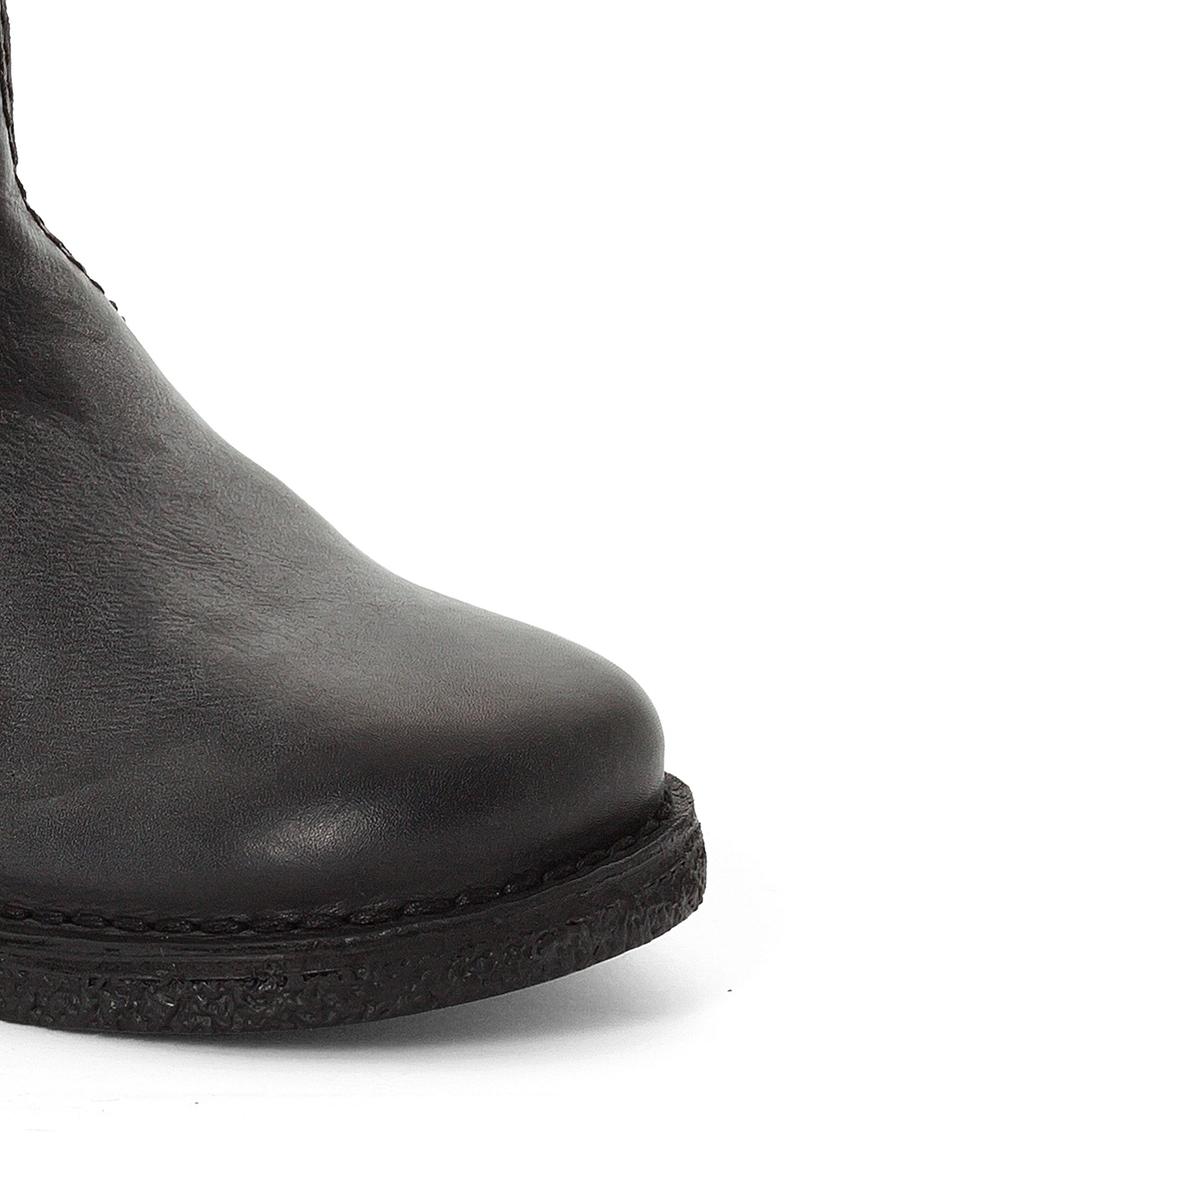 Ботильоны из двух материалов LexyВерх : кожа   Подкладка : без подкладки   Стелька : невыделанная кожа   Подошва : каучук   Высота каблука : 2 см    Застежка : молния<br><br>Цвет: черный